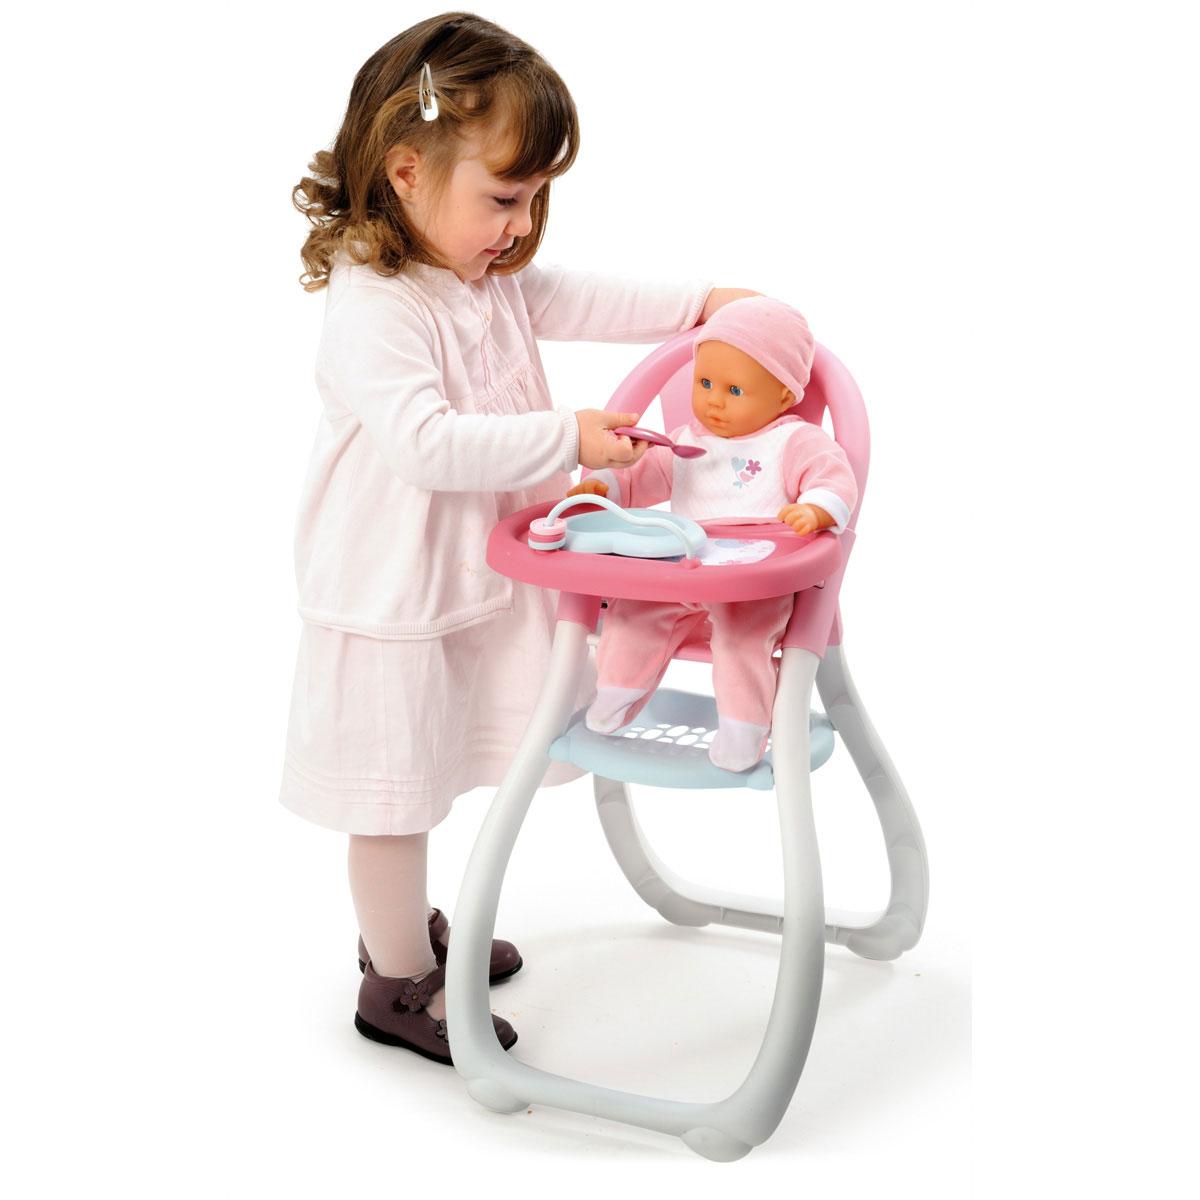 chaise haute baby pour poup 233 es smoby accessoire de poup 233 e sur planet eveil